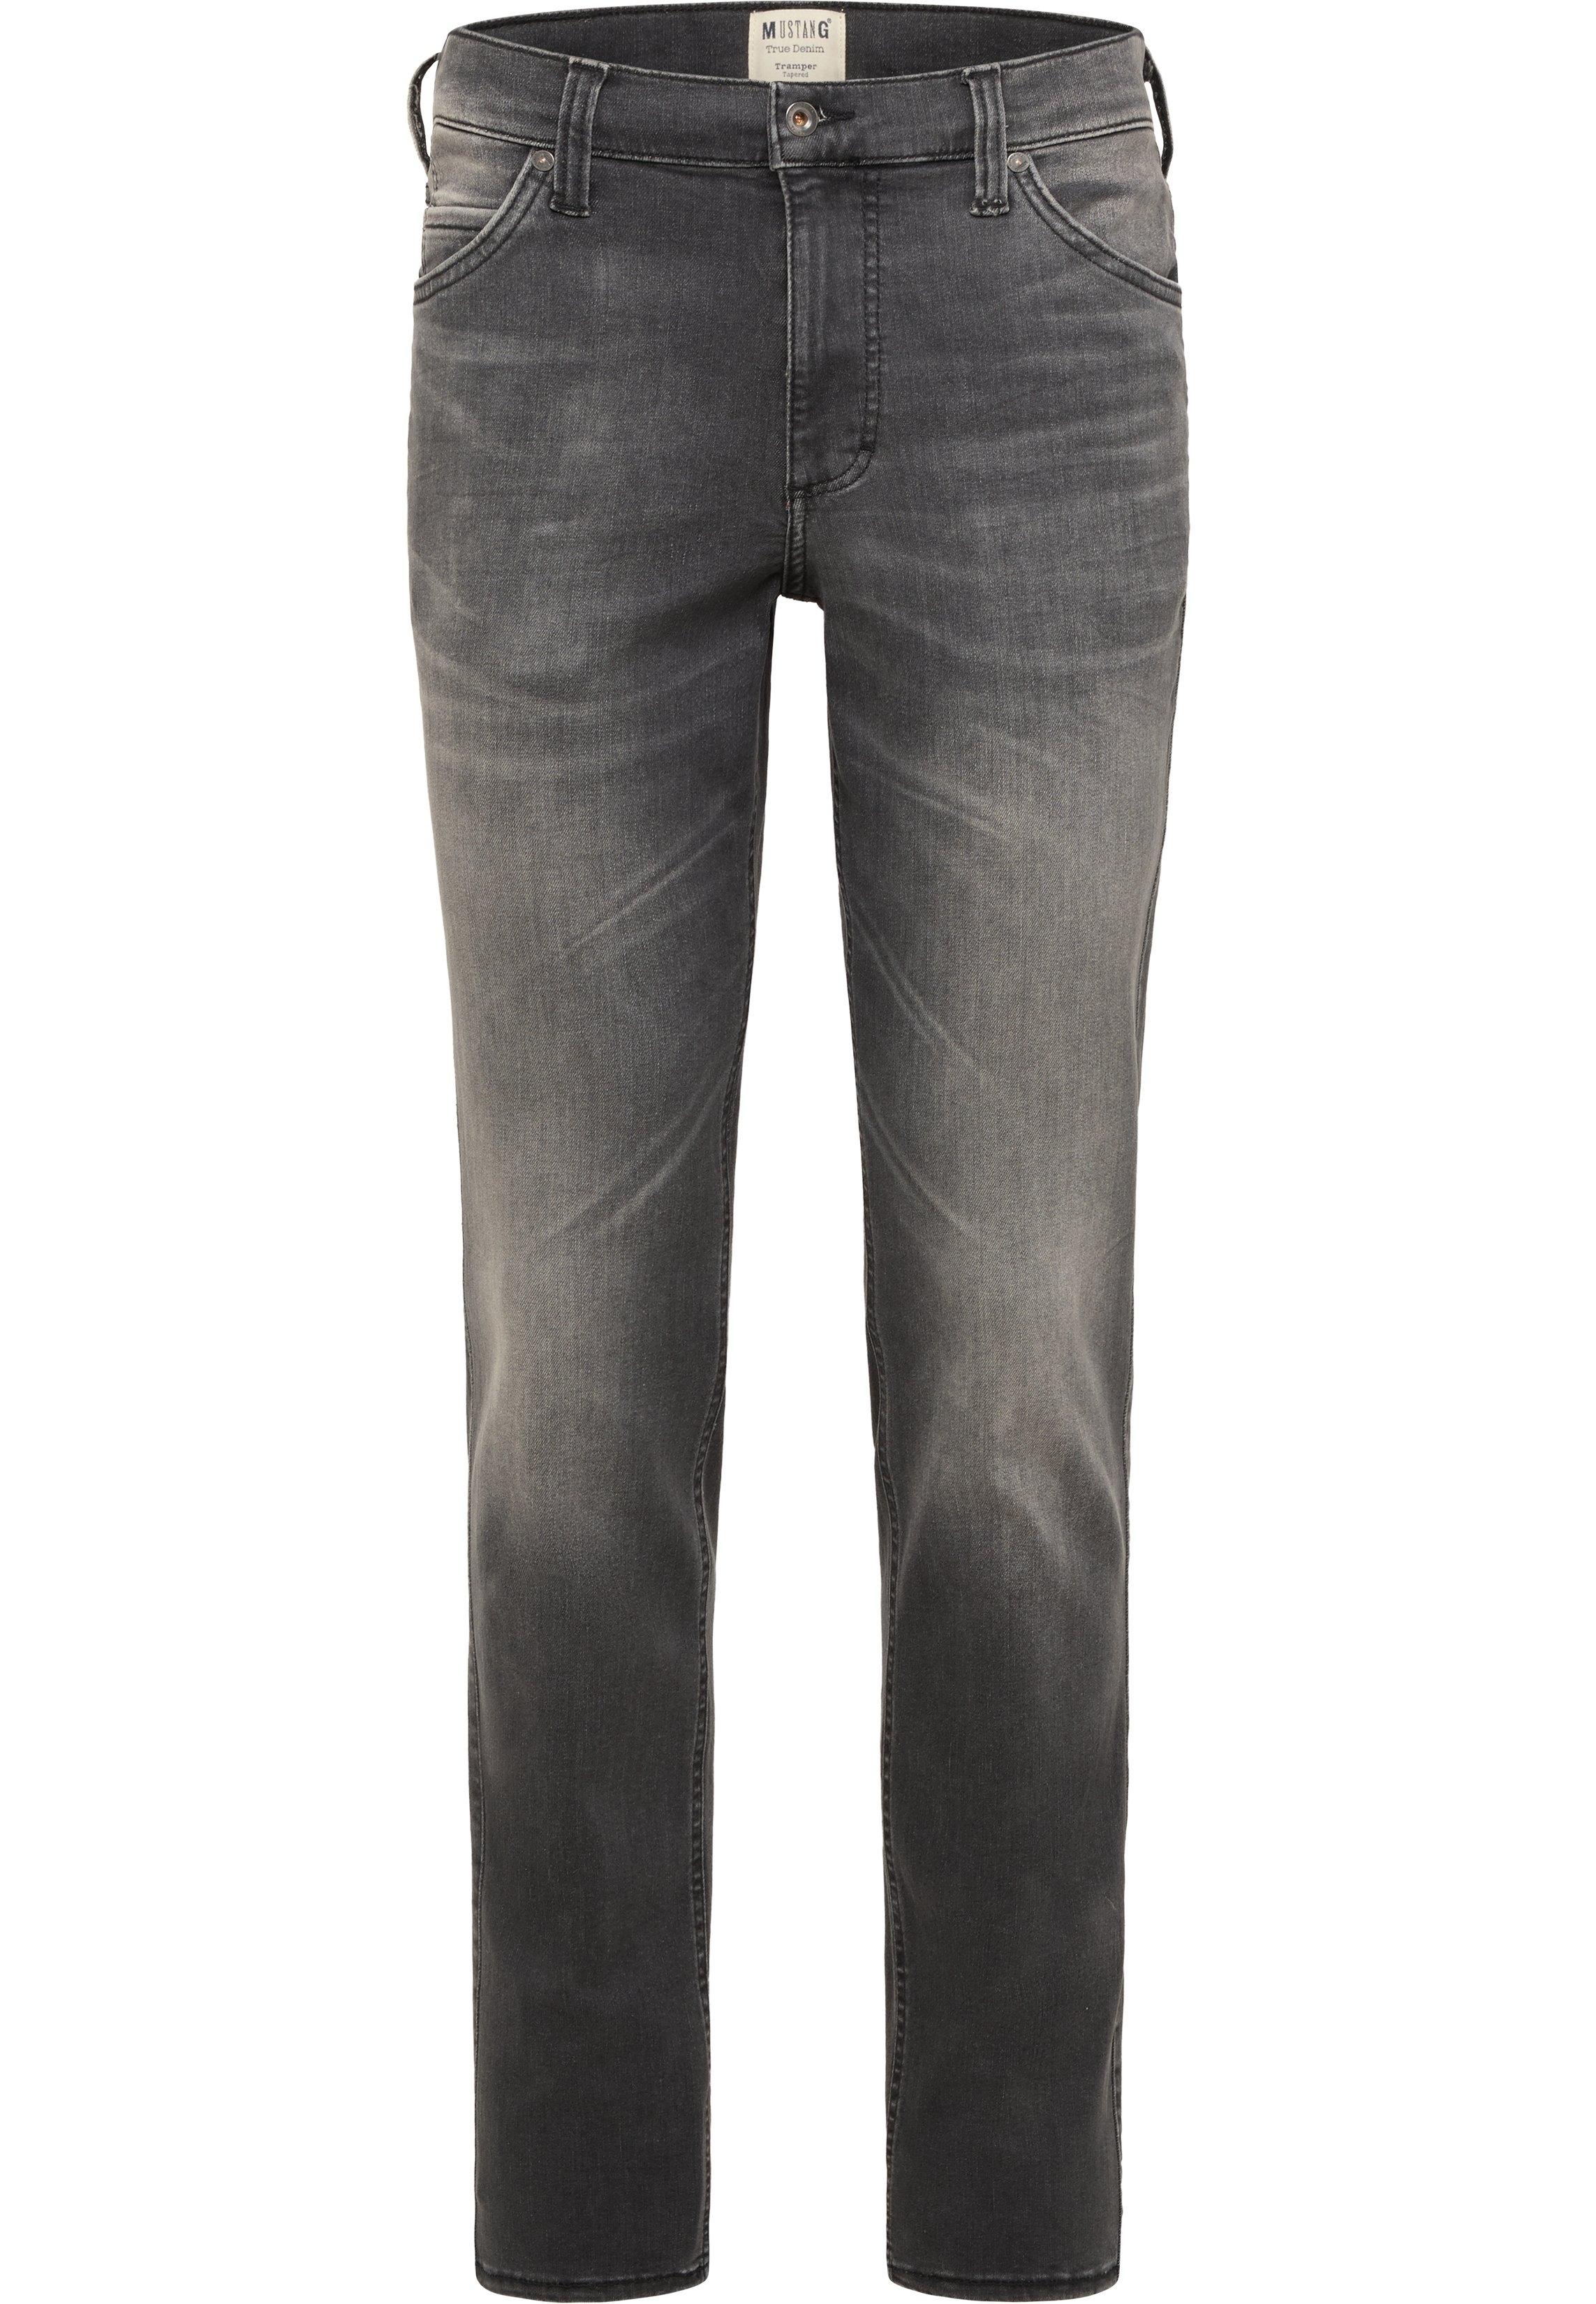 Op zoek naar een MUSTANG jeans »Tramper Tapered«? Koop online bij OTTO